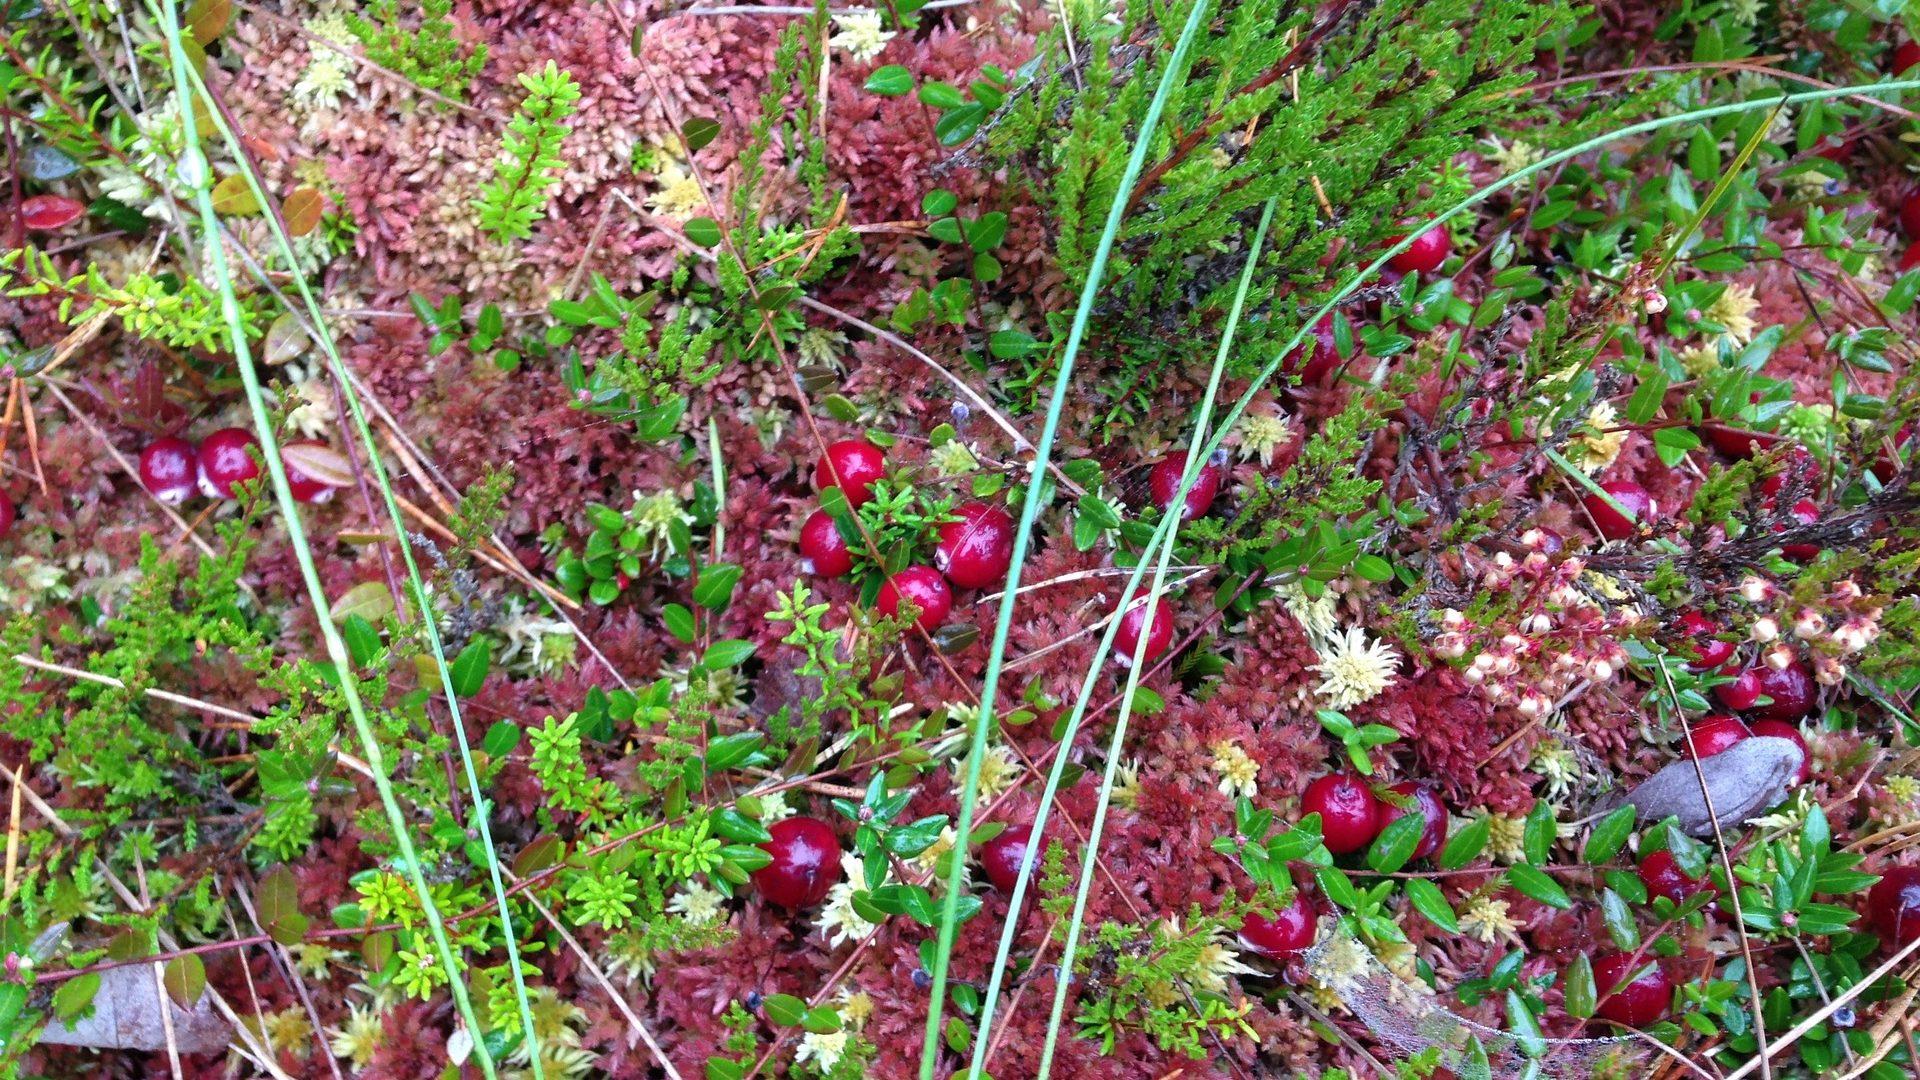 cranberry-bog-2798548_1920